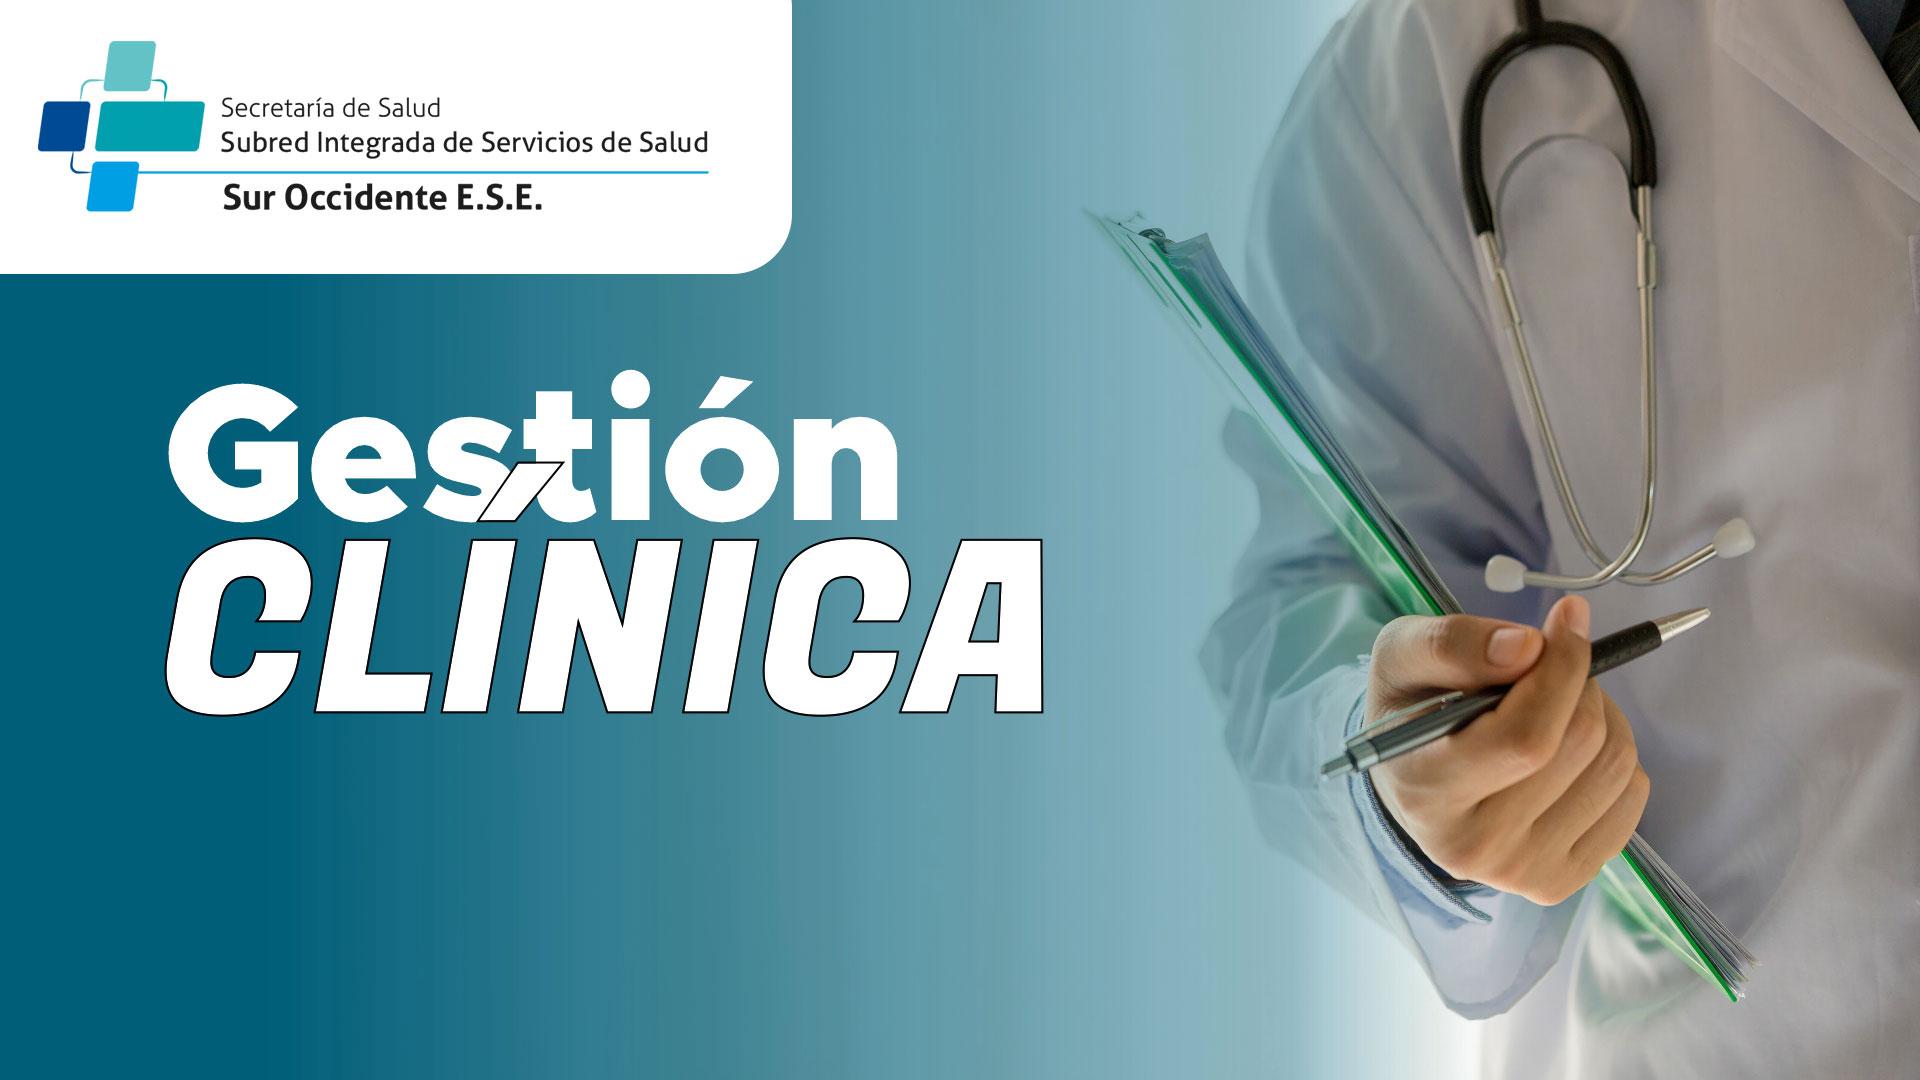 Course Image CURSO DE GESTIÓN CLÍNICA